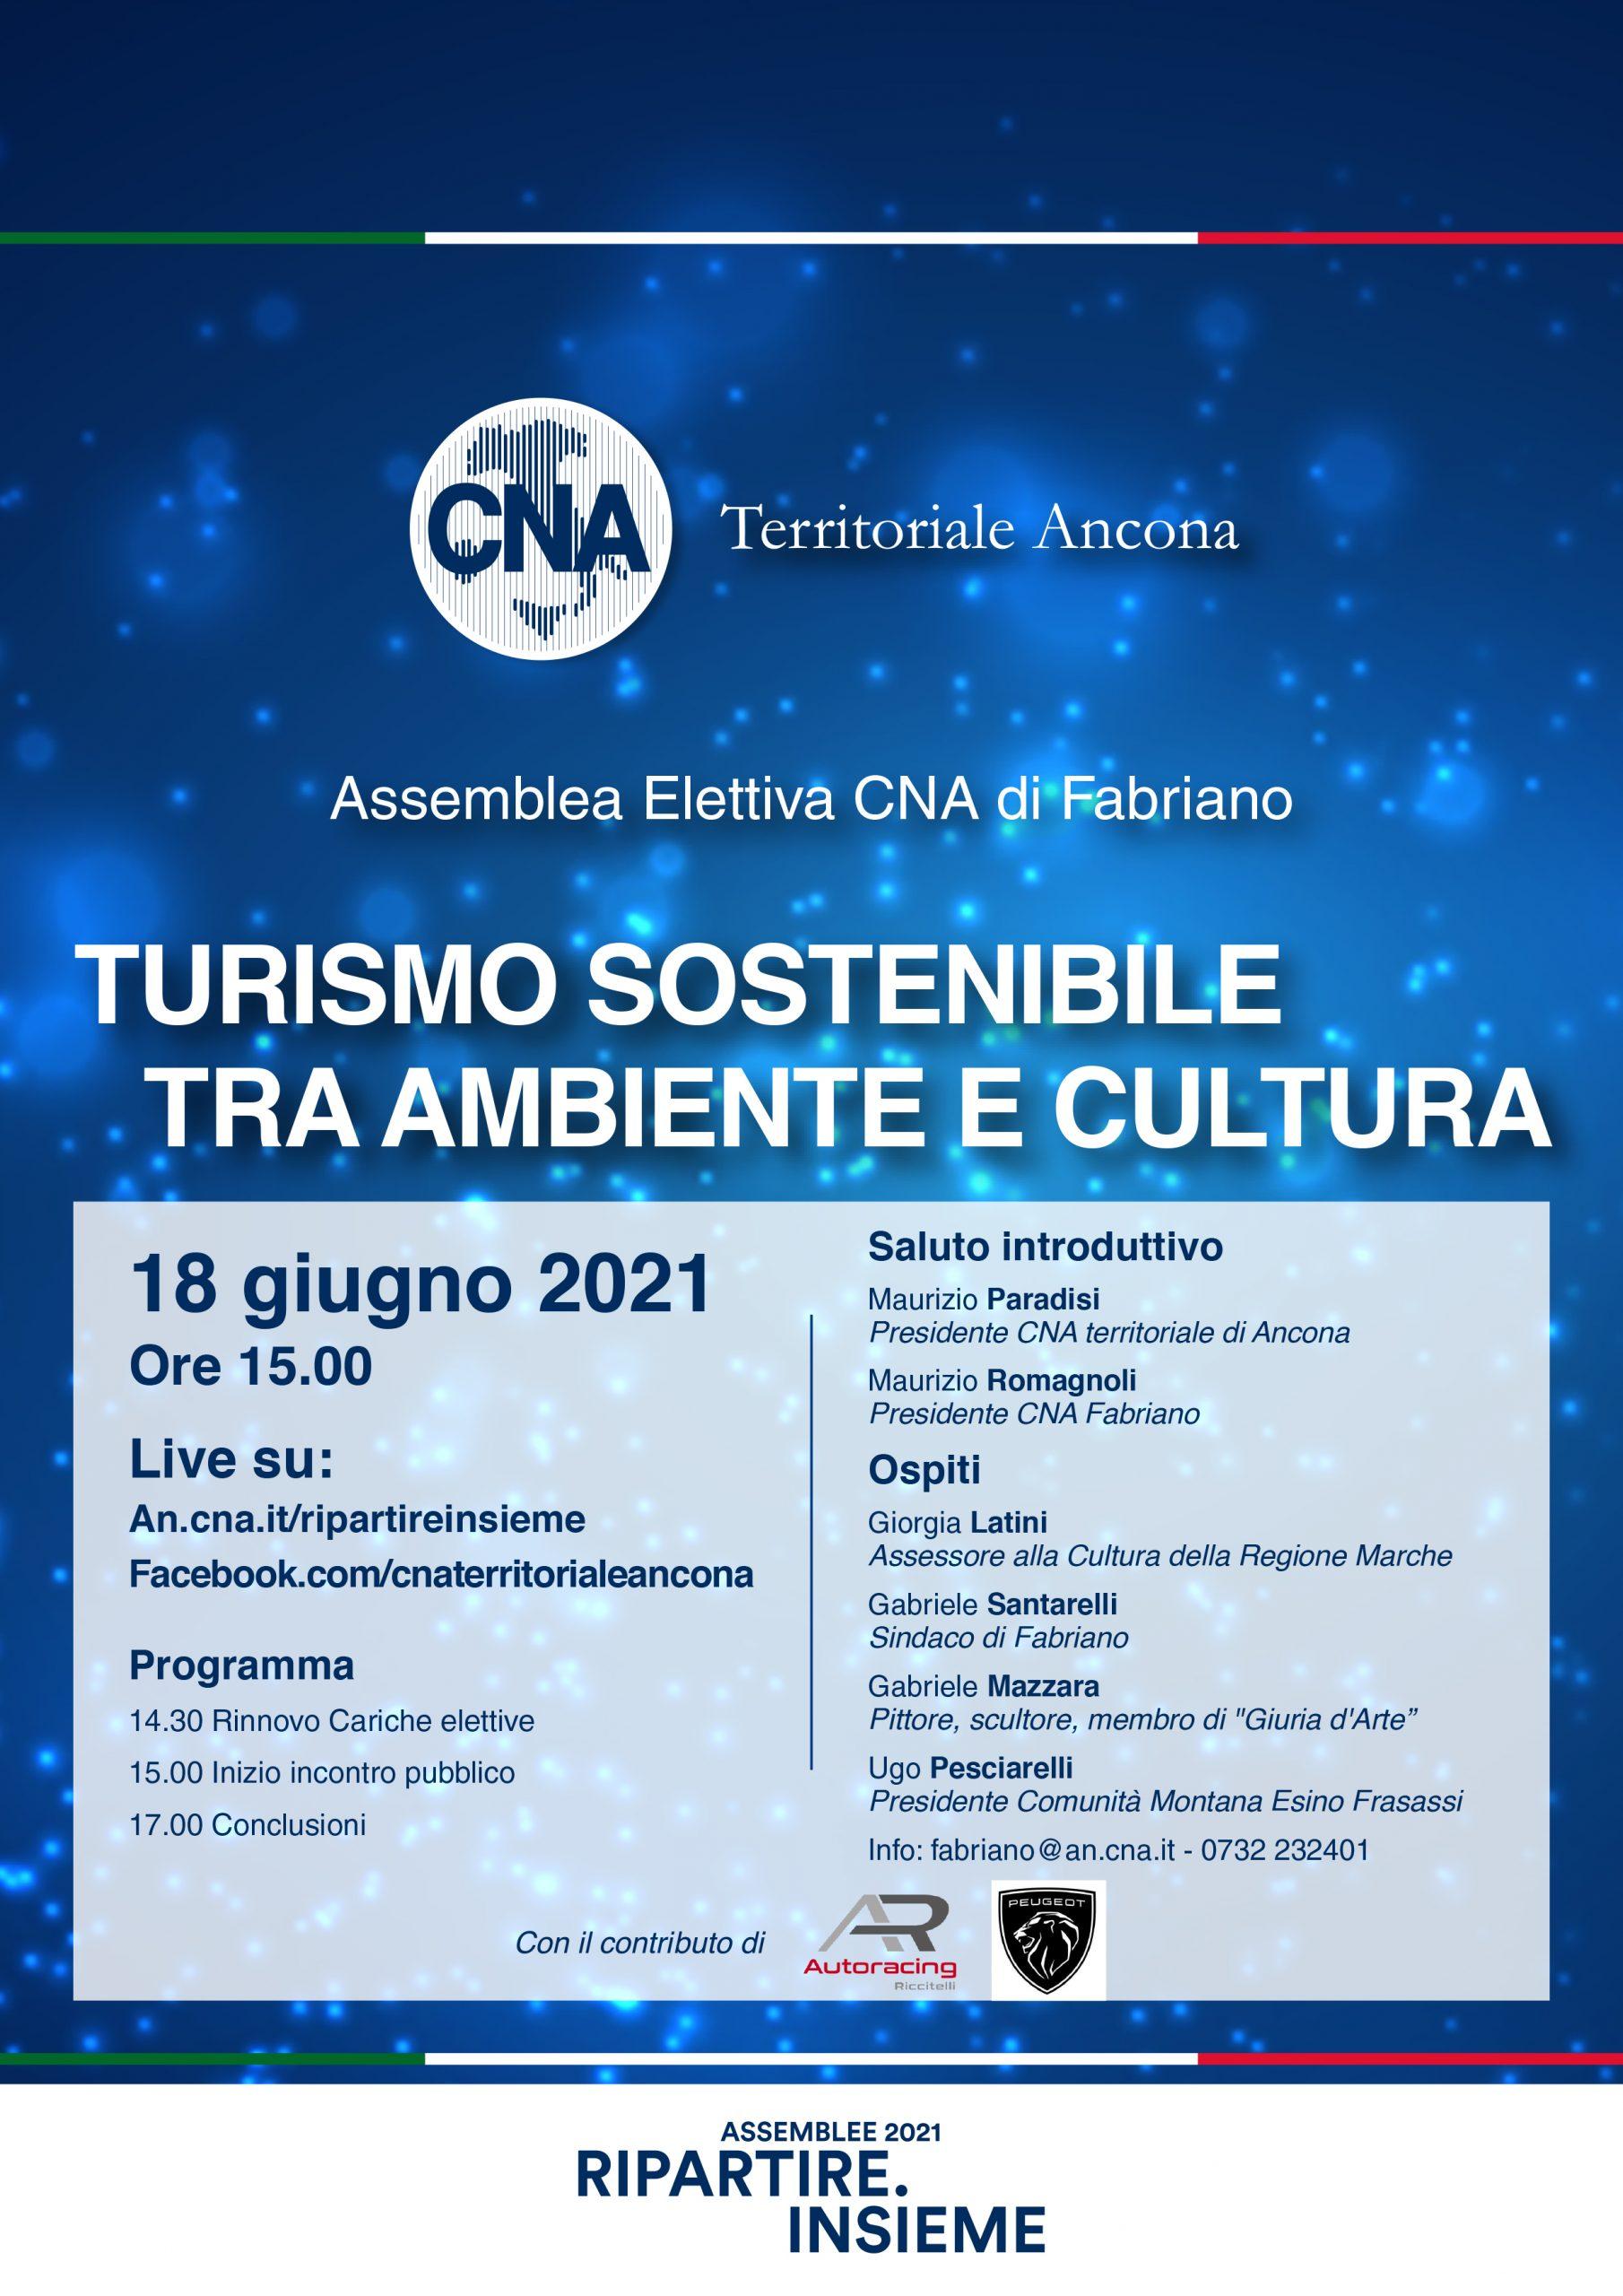 Il futuro turistico di Fabriano al congresso CNA